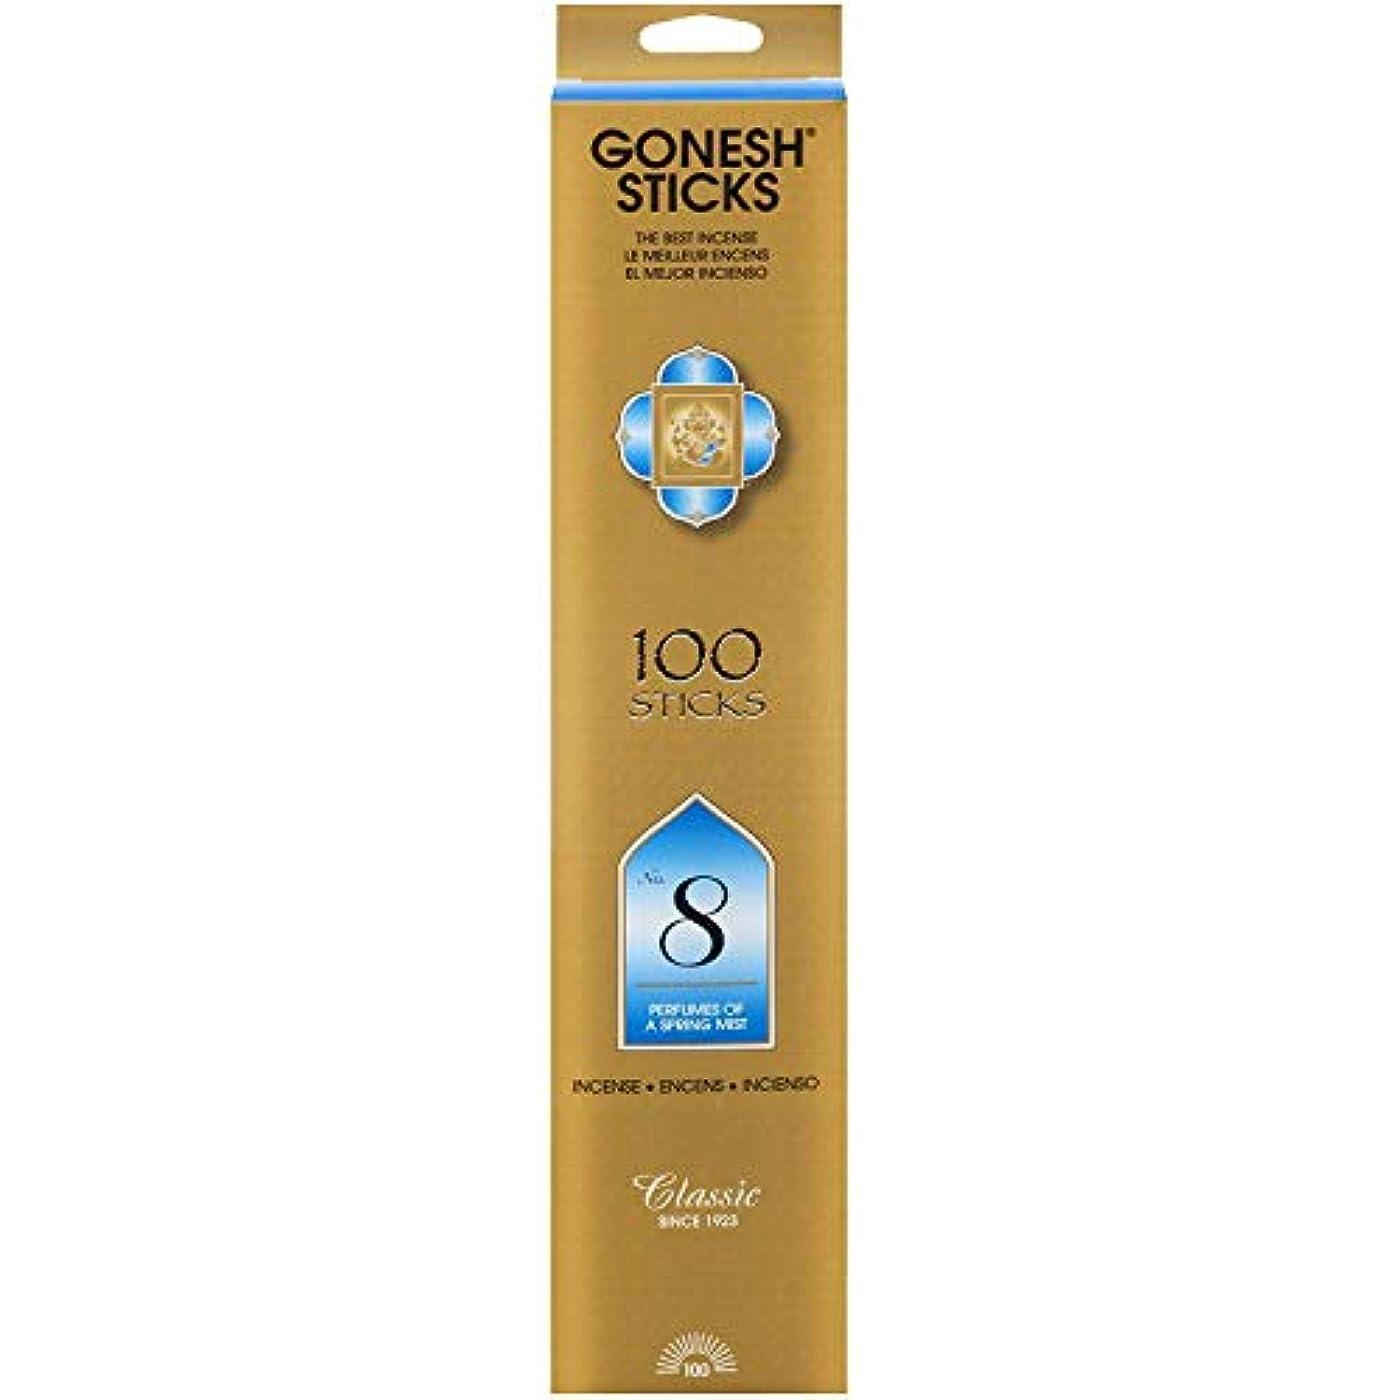 リンクネックレット急速なGONESH インセンス No.8 スティック 100本入 セット販売 (2個)